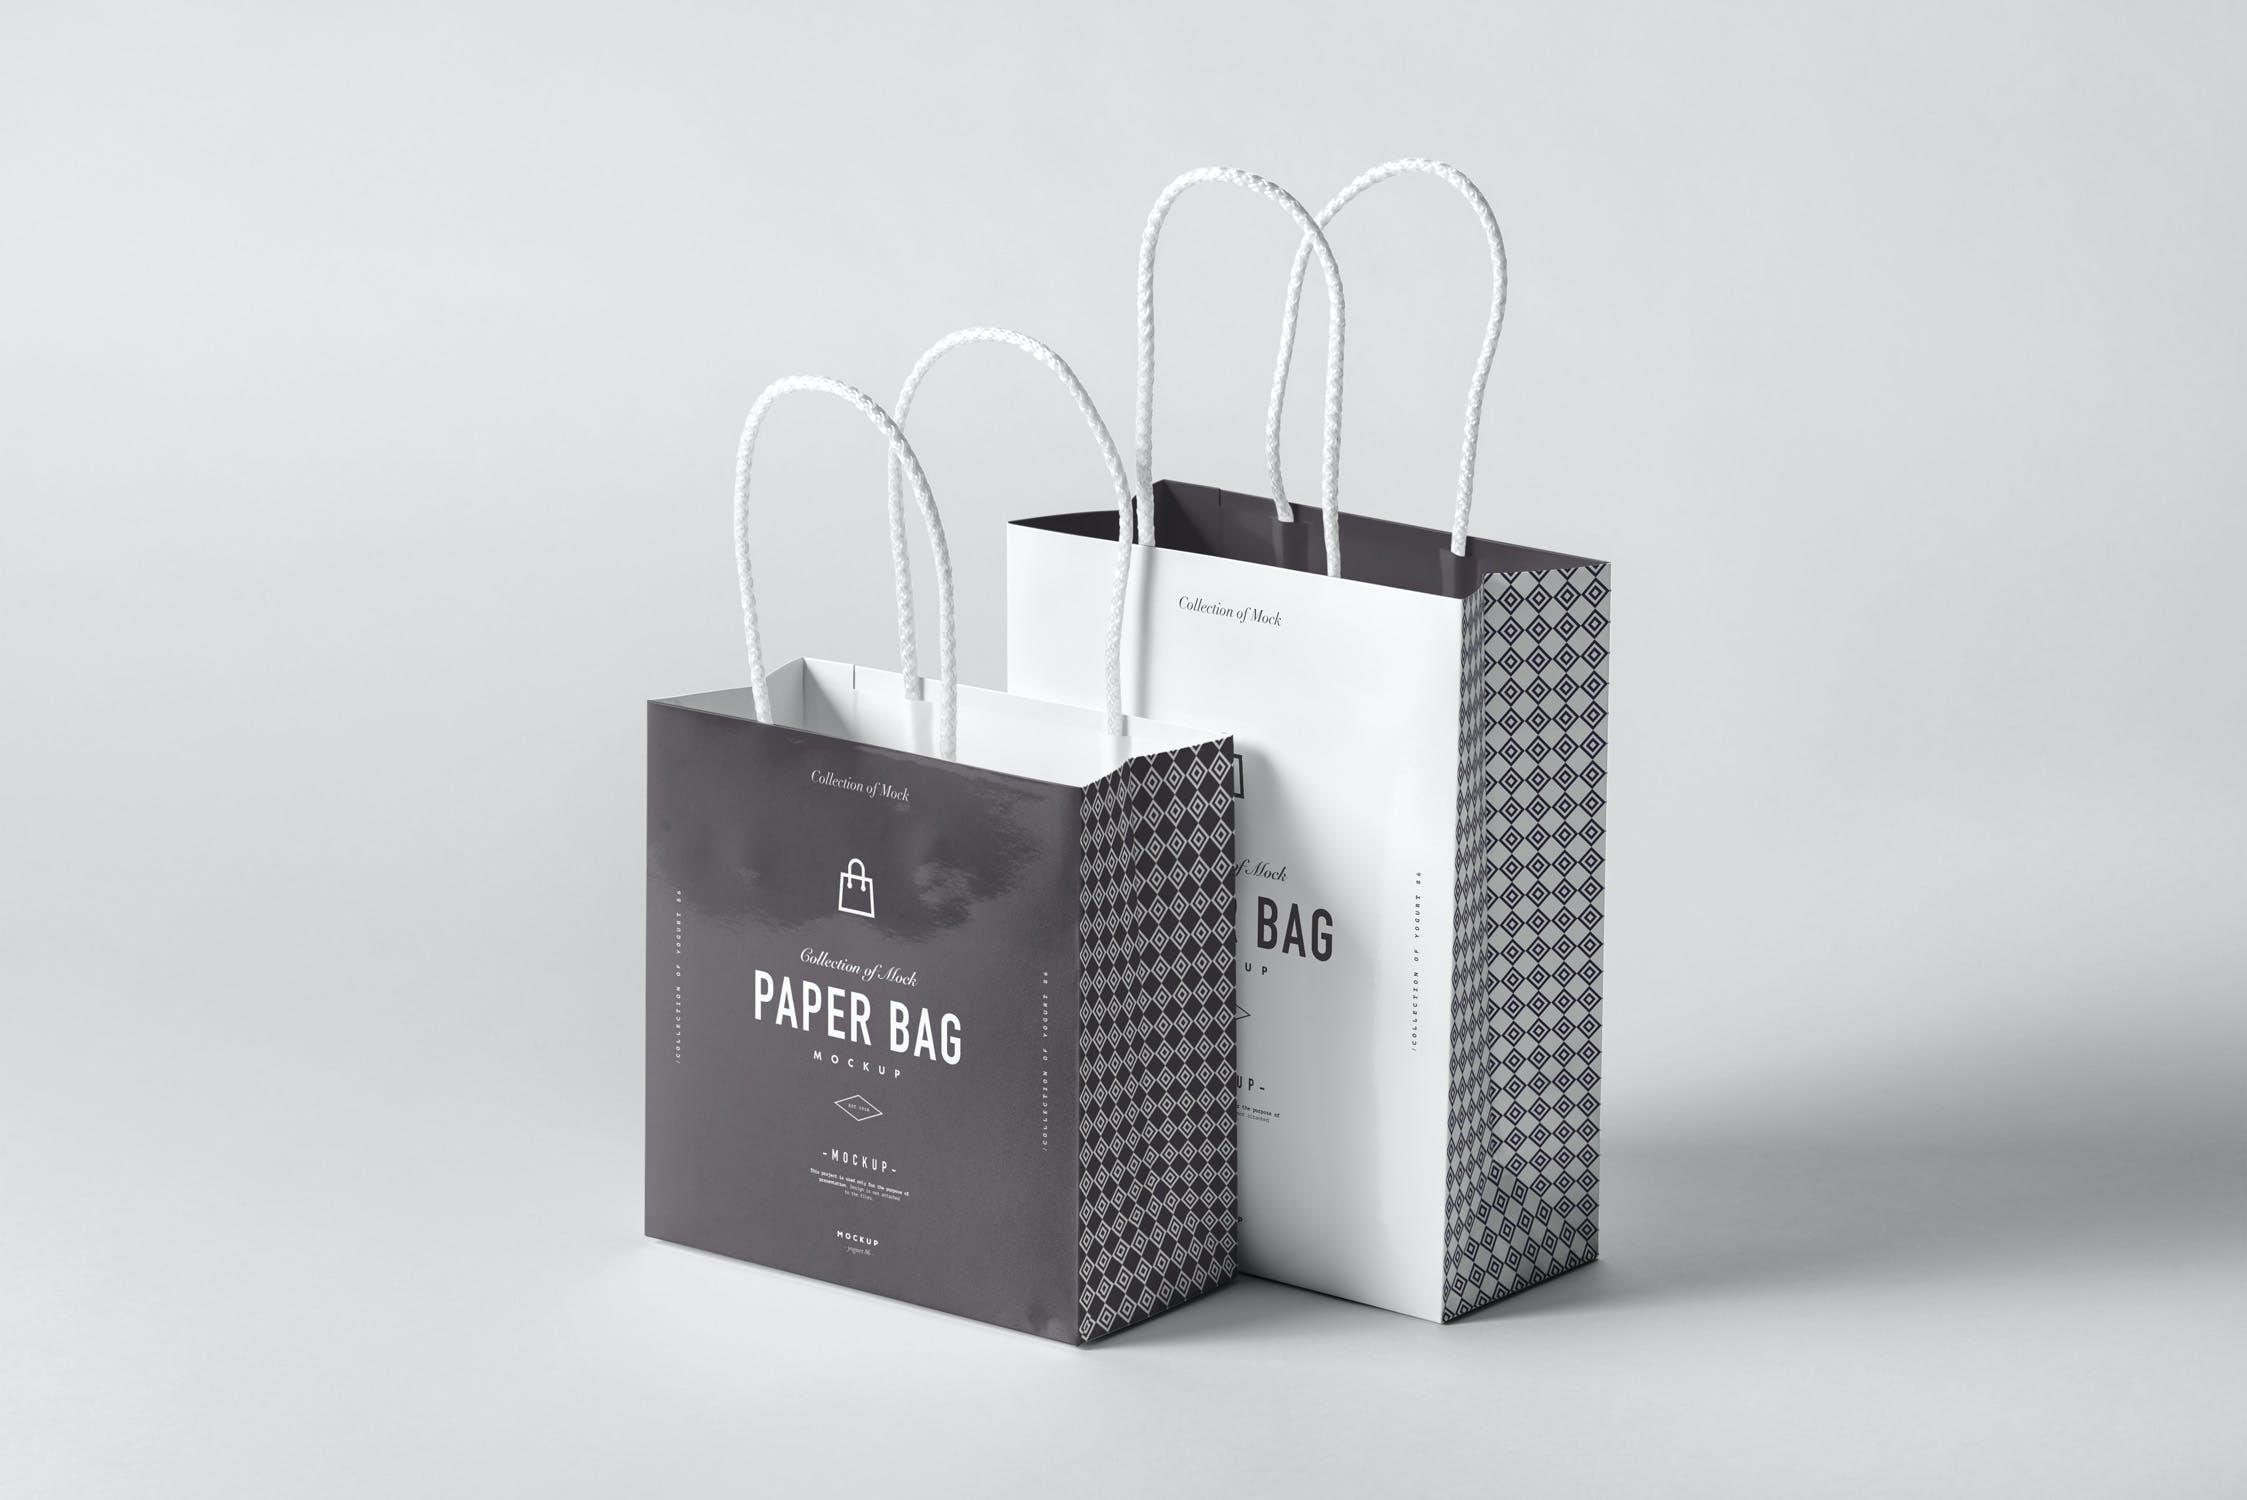 11款购物手提纸袋设计展示样机模板 Paper Bag Mockup 2插图(7)